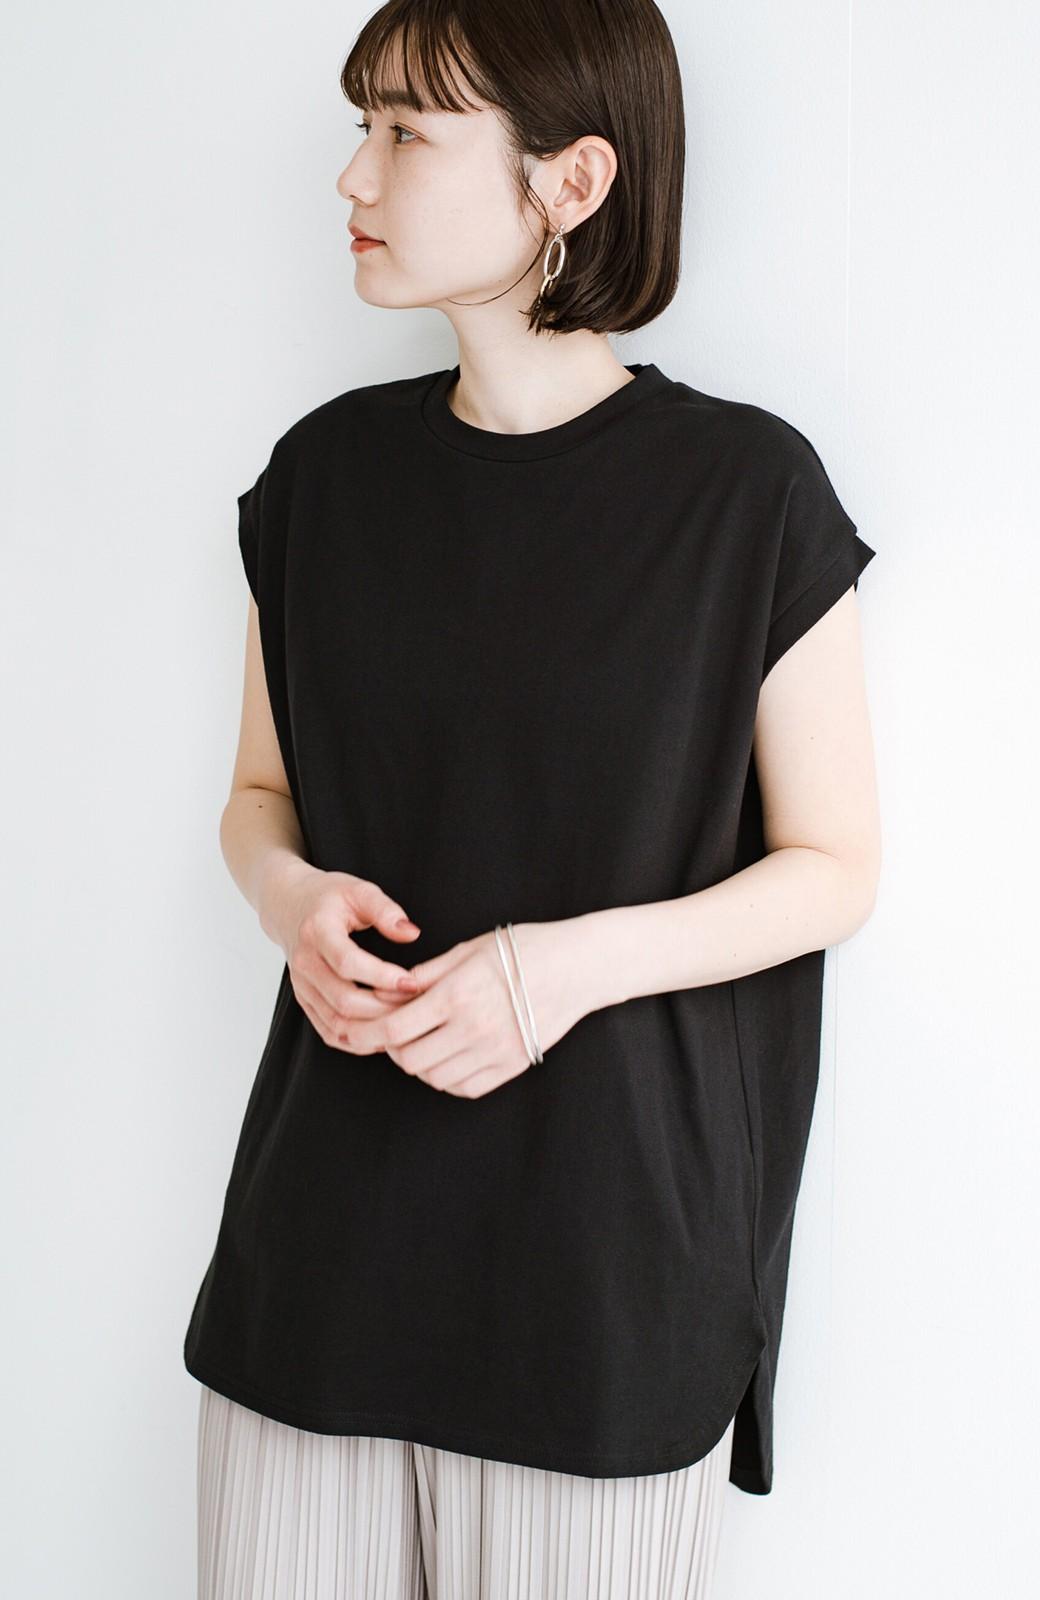 haco! 大人のTシャツこれならいける?!ちょい袖でかっこよく見せるTシャツ by que made me + PBP <ブラック>の商品写真1